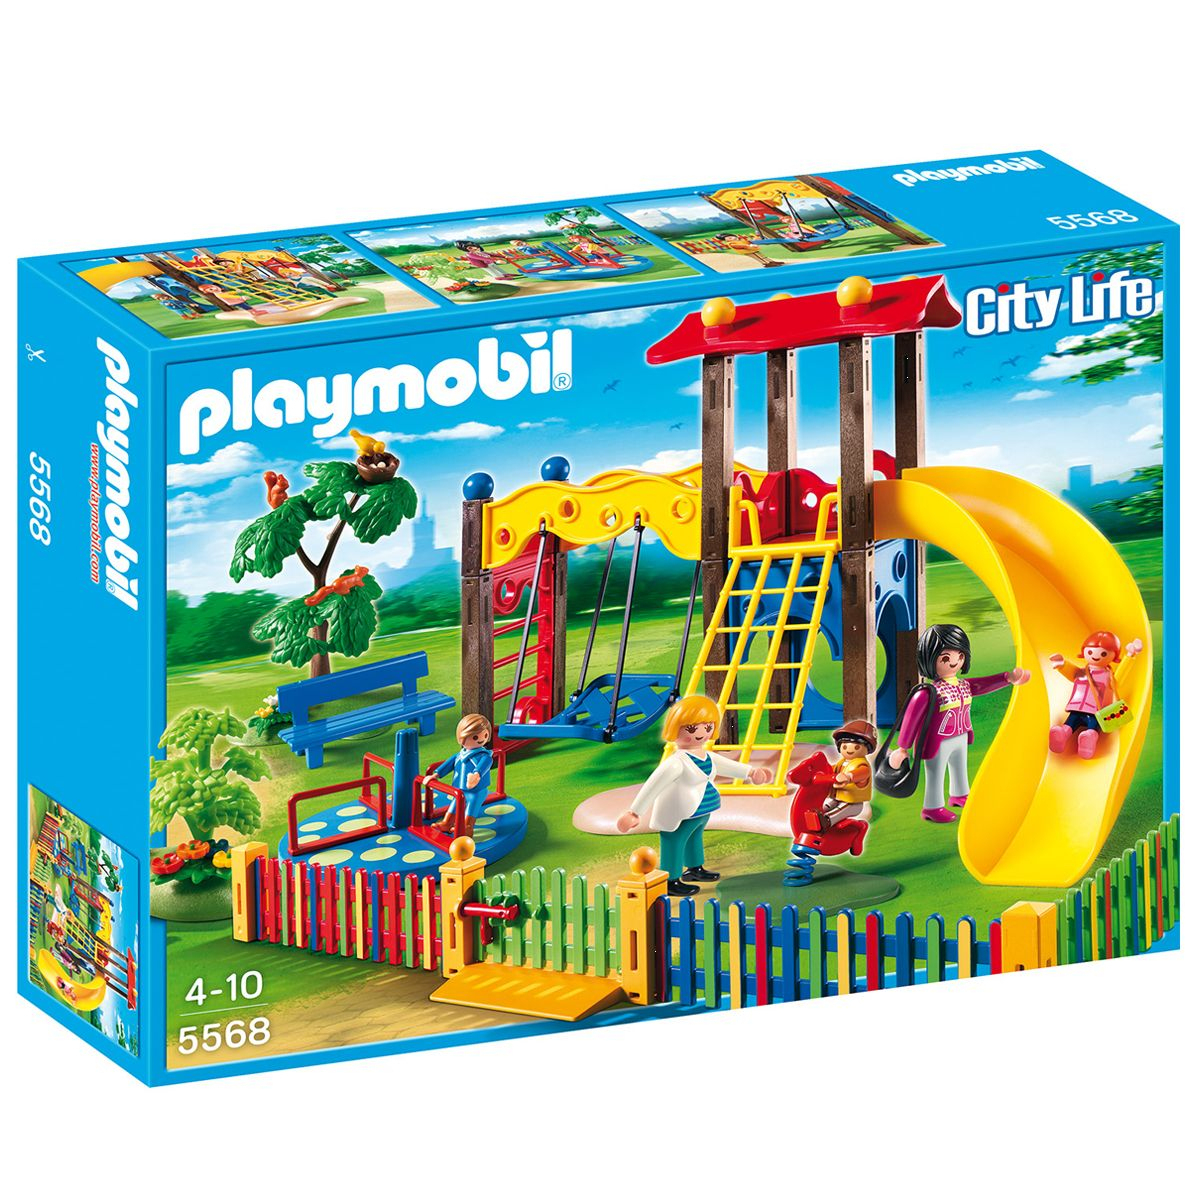 Square Pour Enfants Avec Jeux Playmobil City Life - 5568 ... encequiconcerne Grand Jardin D Enfant Playmobil